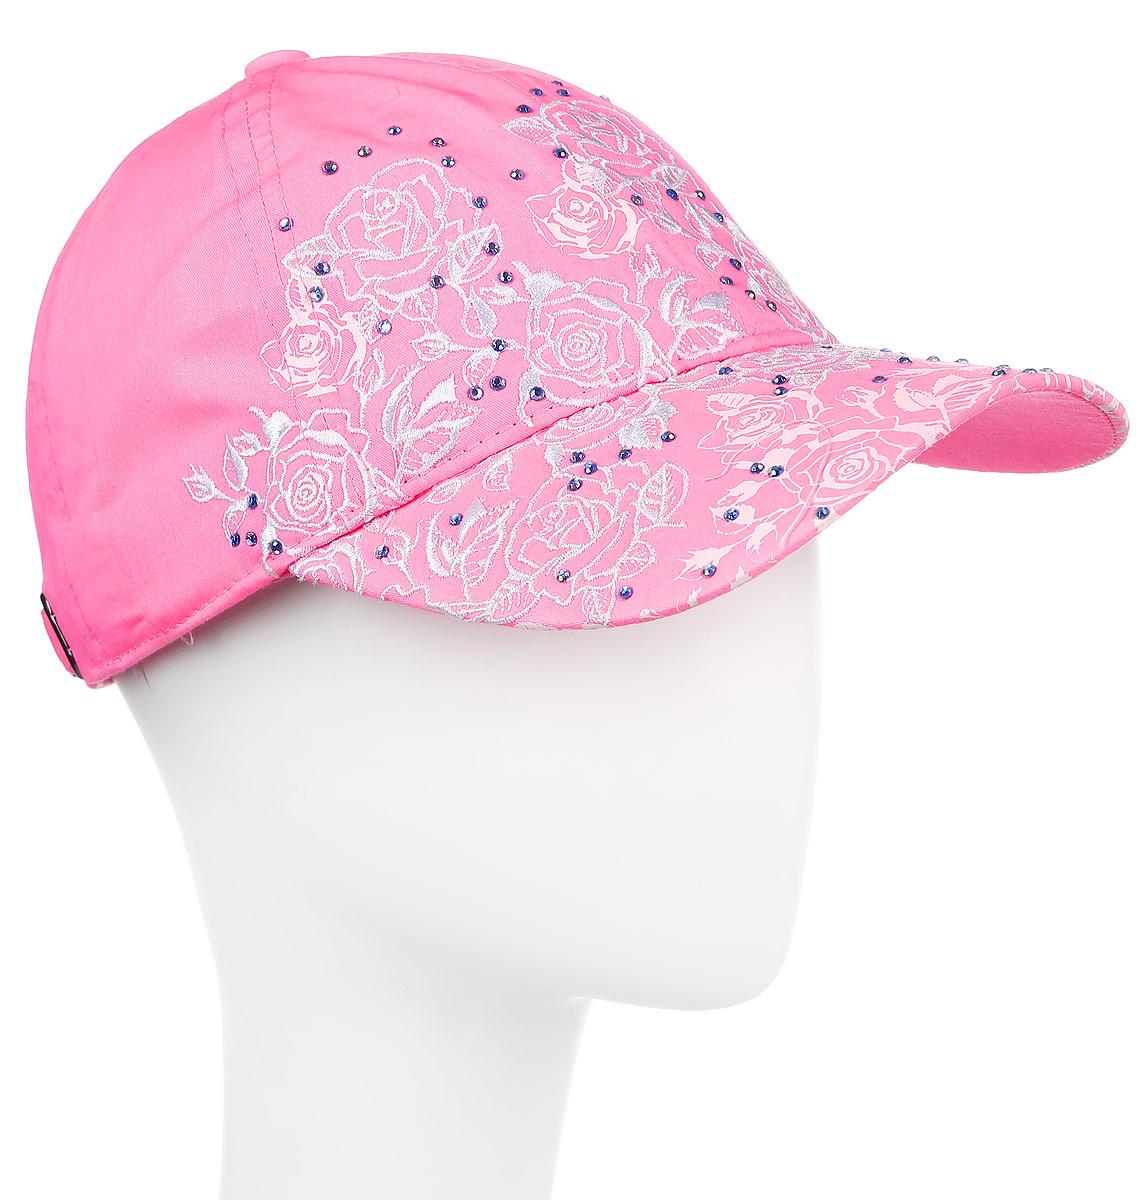 Бейсболка женская Maxval, цвет: розовый. BW151014. Размер 56/58BW151014Бейсболка классической формы в сочетании с яркой неоновой тканью, легкой цветочной вышивкой и принтом, будто кружево ложится на форму. Дополняют композицию изысканно поблескивающие стразы. Стиль бейсболки подчеркнуто романтичен и будет прекрасным дополнением летнему образу любой женщины.